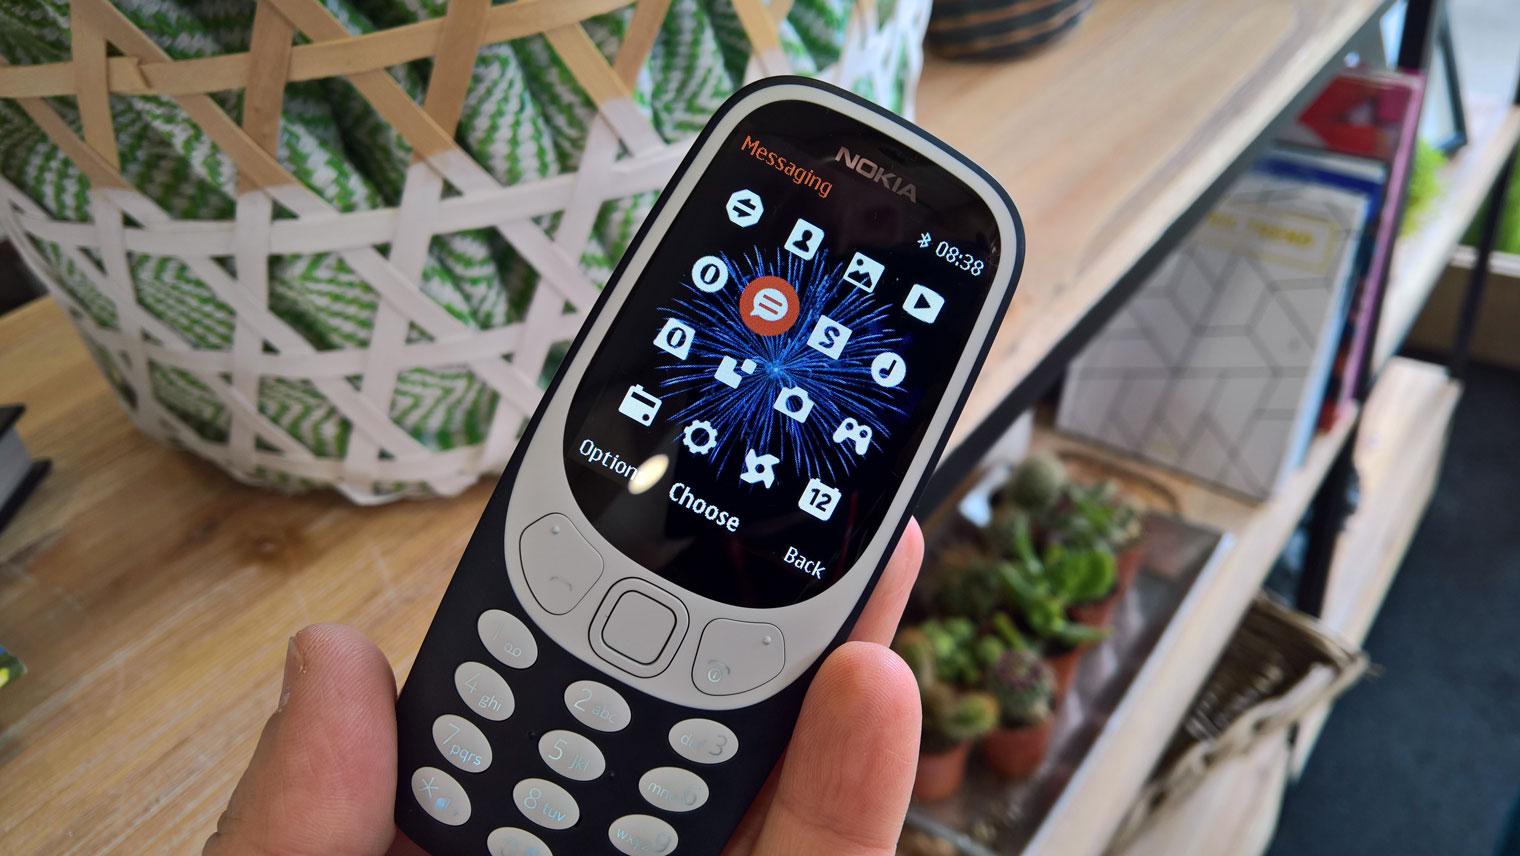 El Nokia 3310 estaría cosechando un buen ritmo de reservas 1